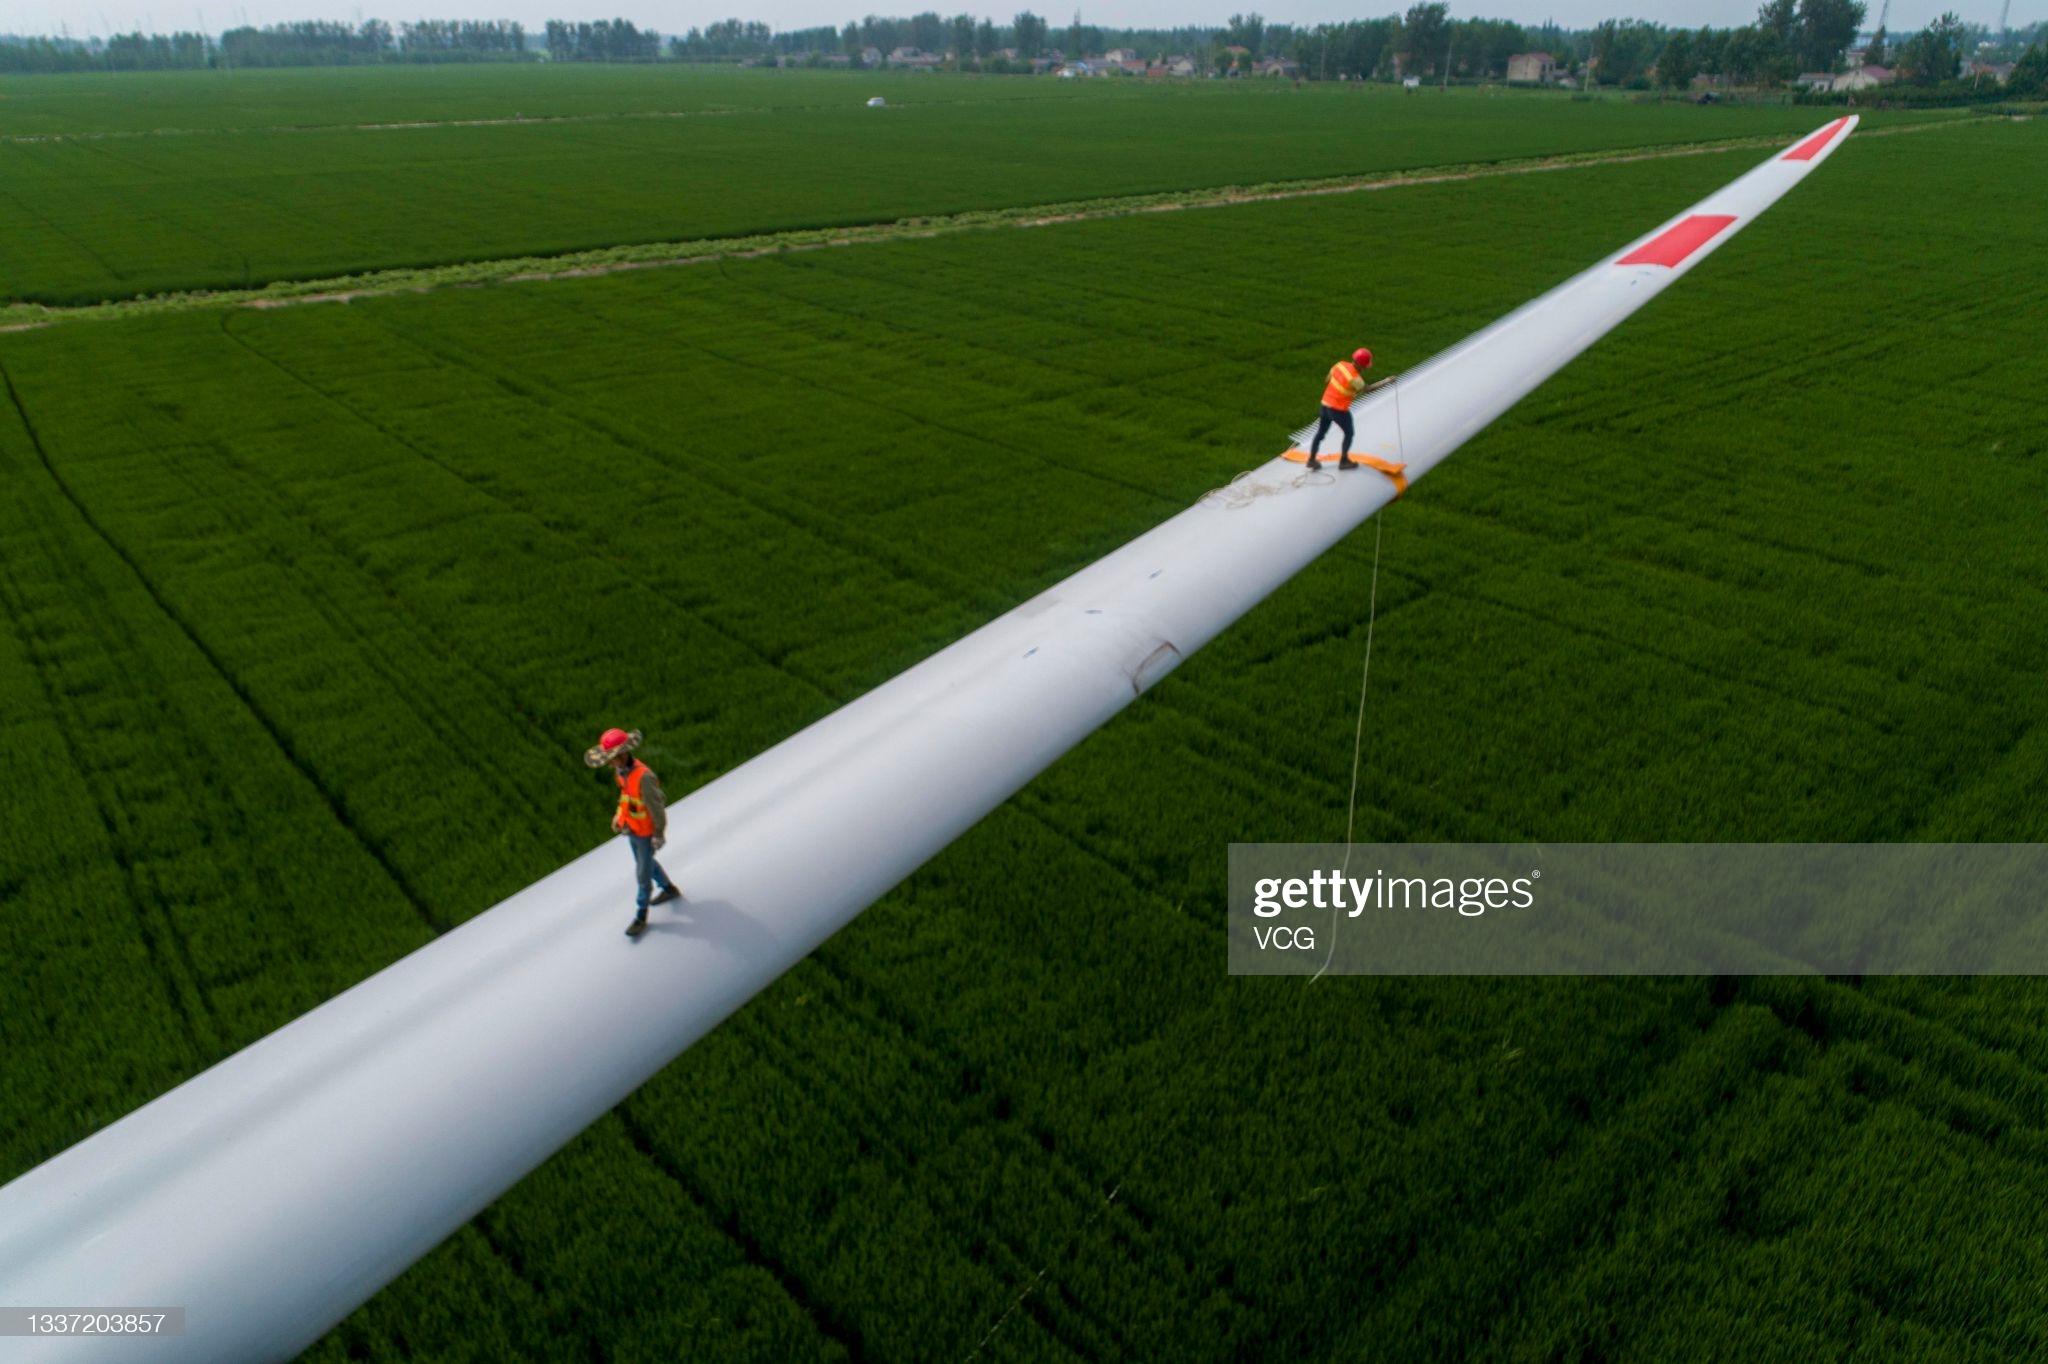 قدم زدن روی پرههای توربین بادی! + عکس